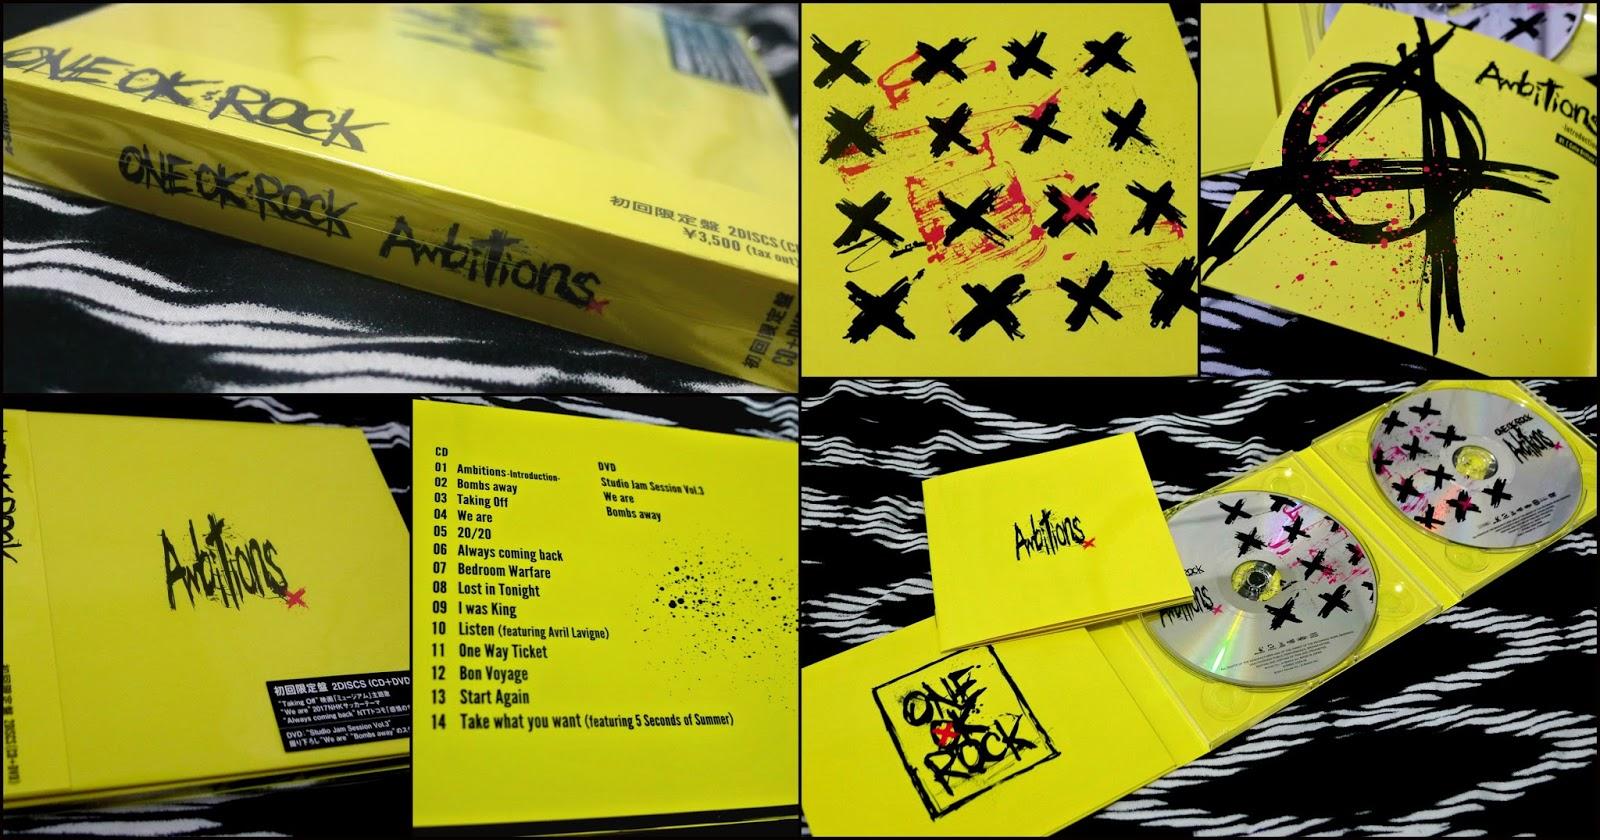 One ok rock 35xxxv album download 320kbps | One Ok Rock Full